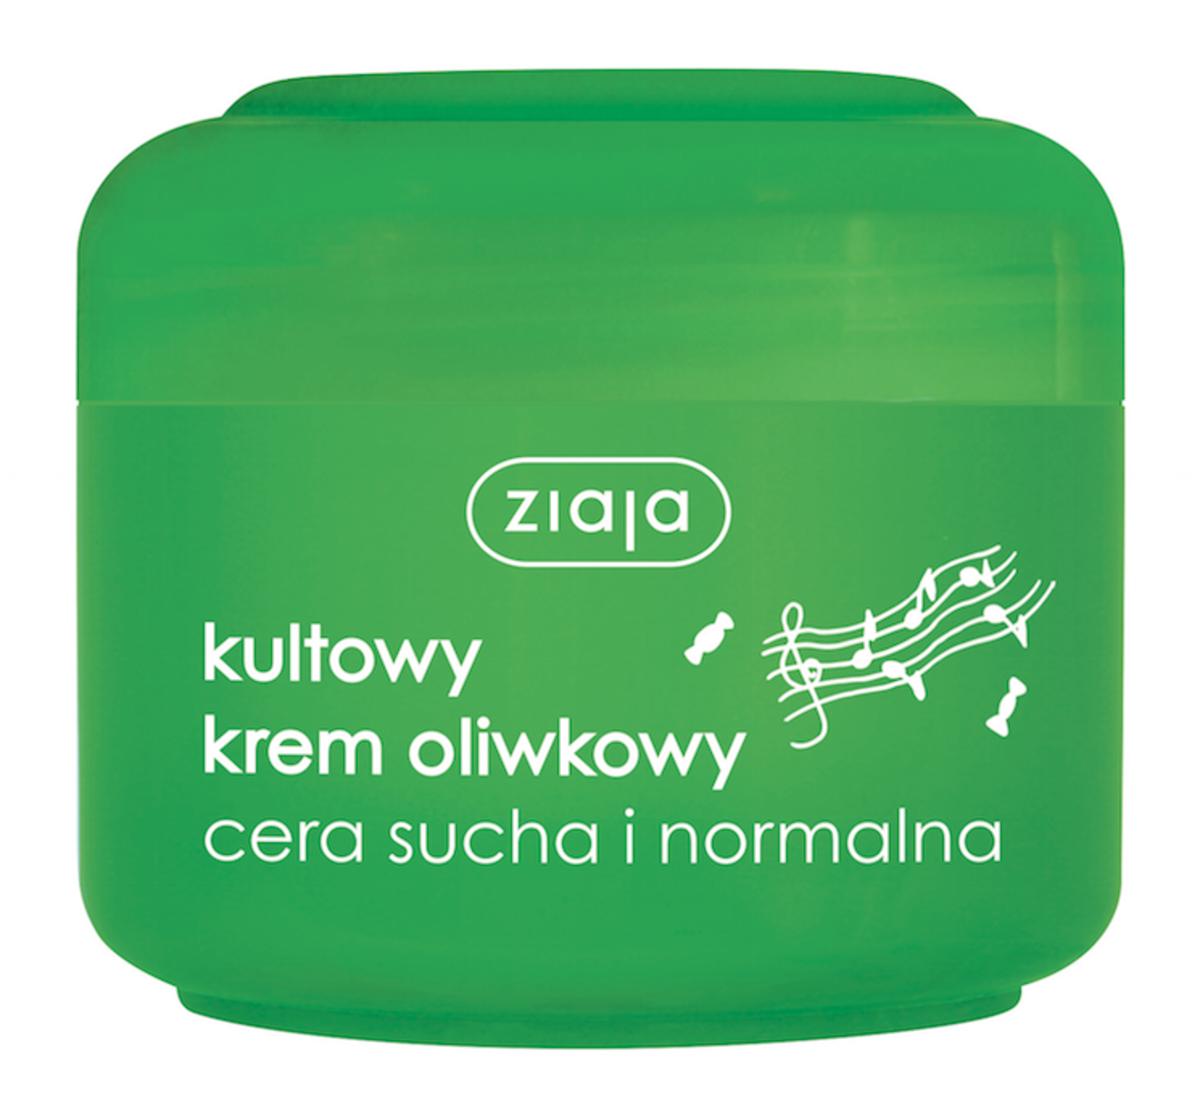 Krem oliwkowy, Ziaja